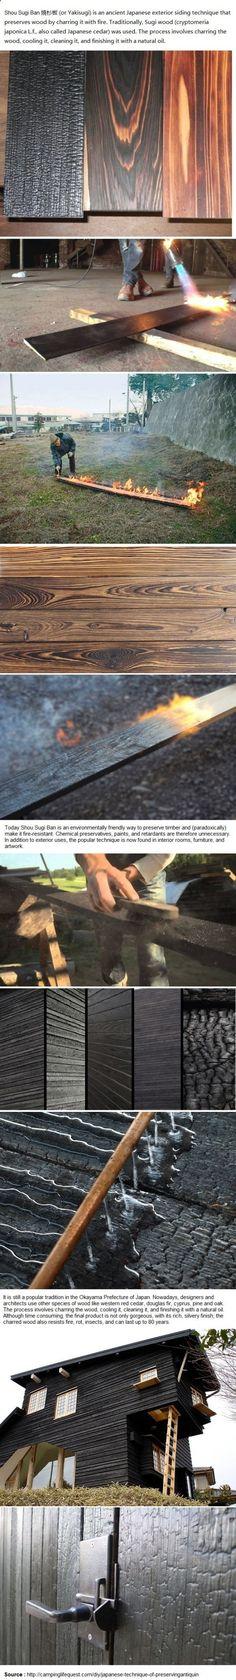 Teds Wood Working - technique japonaise de préservation, bois Antiquaire - Get A Lifetime Of Project Ideas & Inspiration!